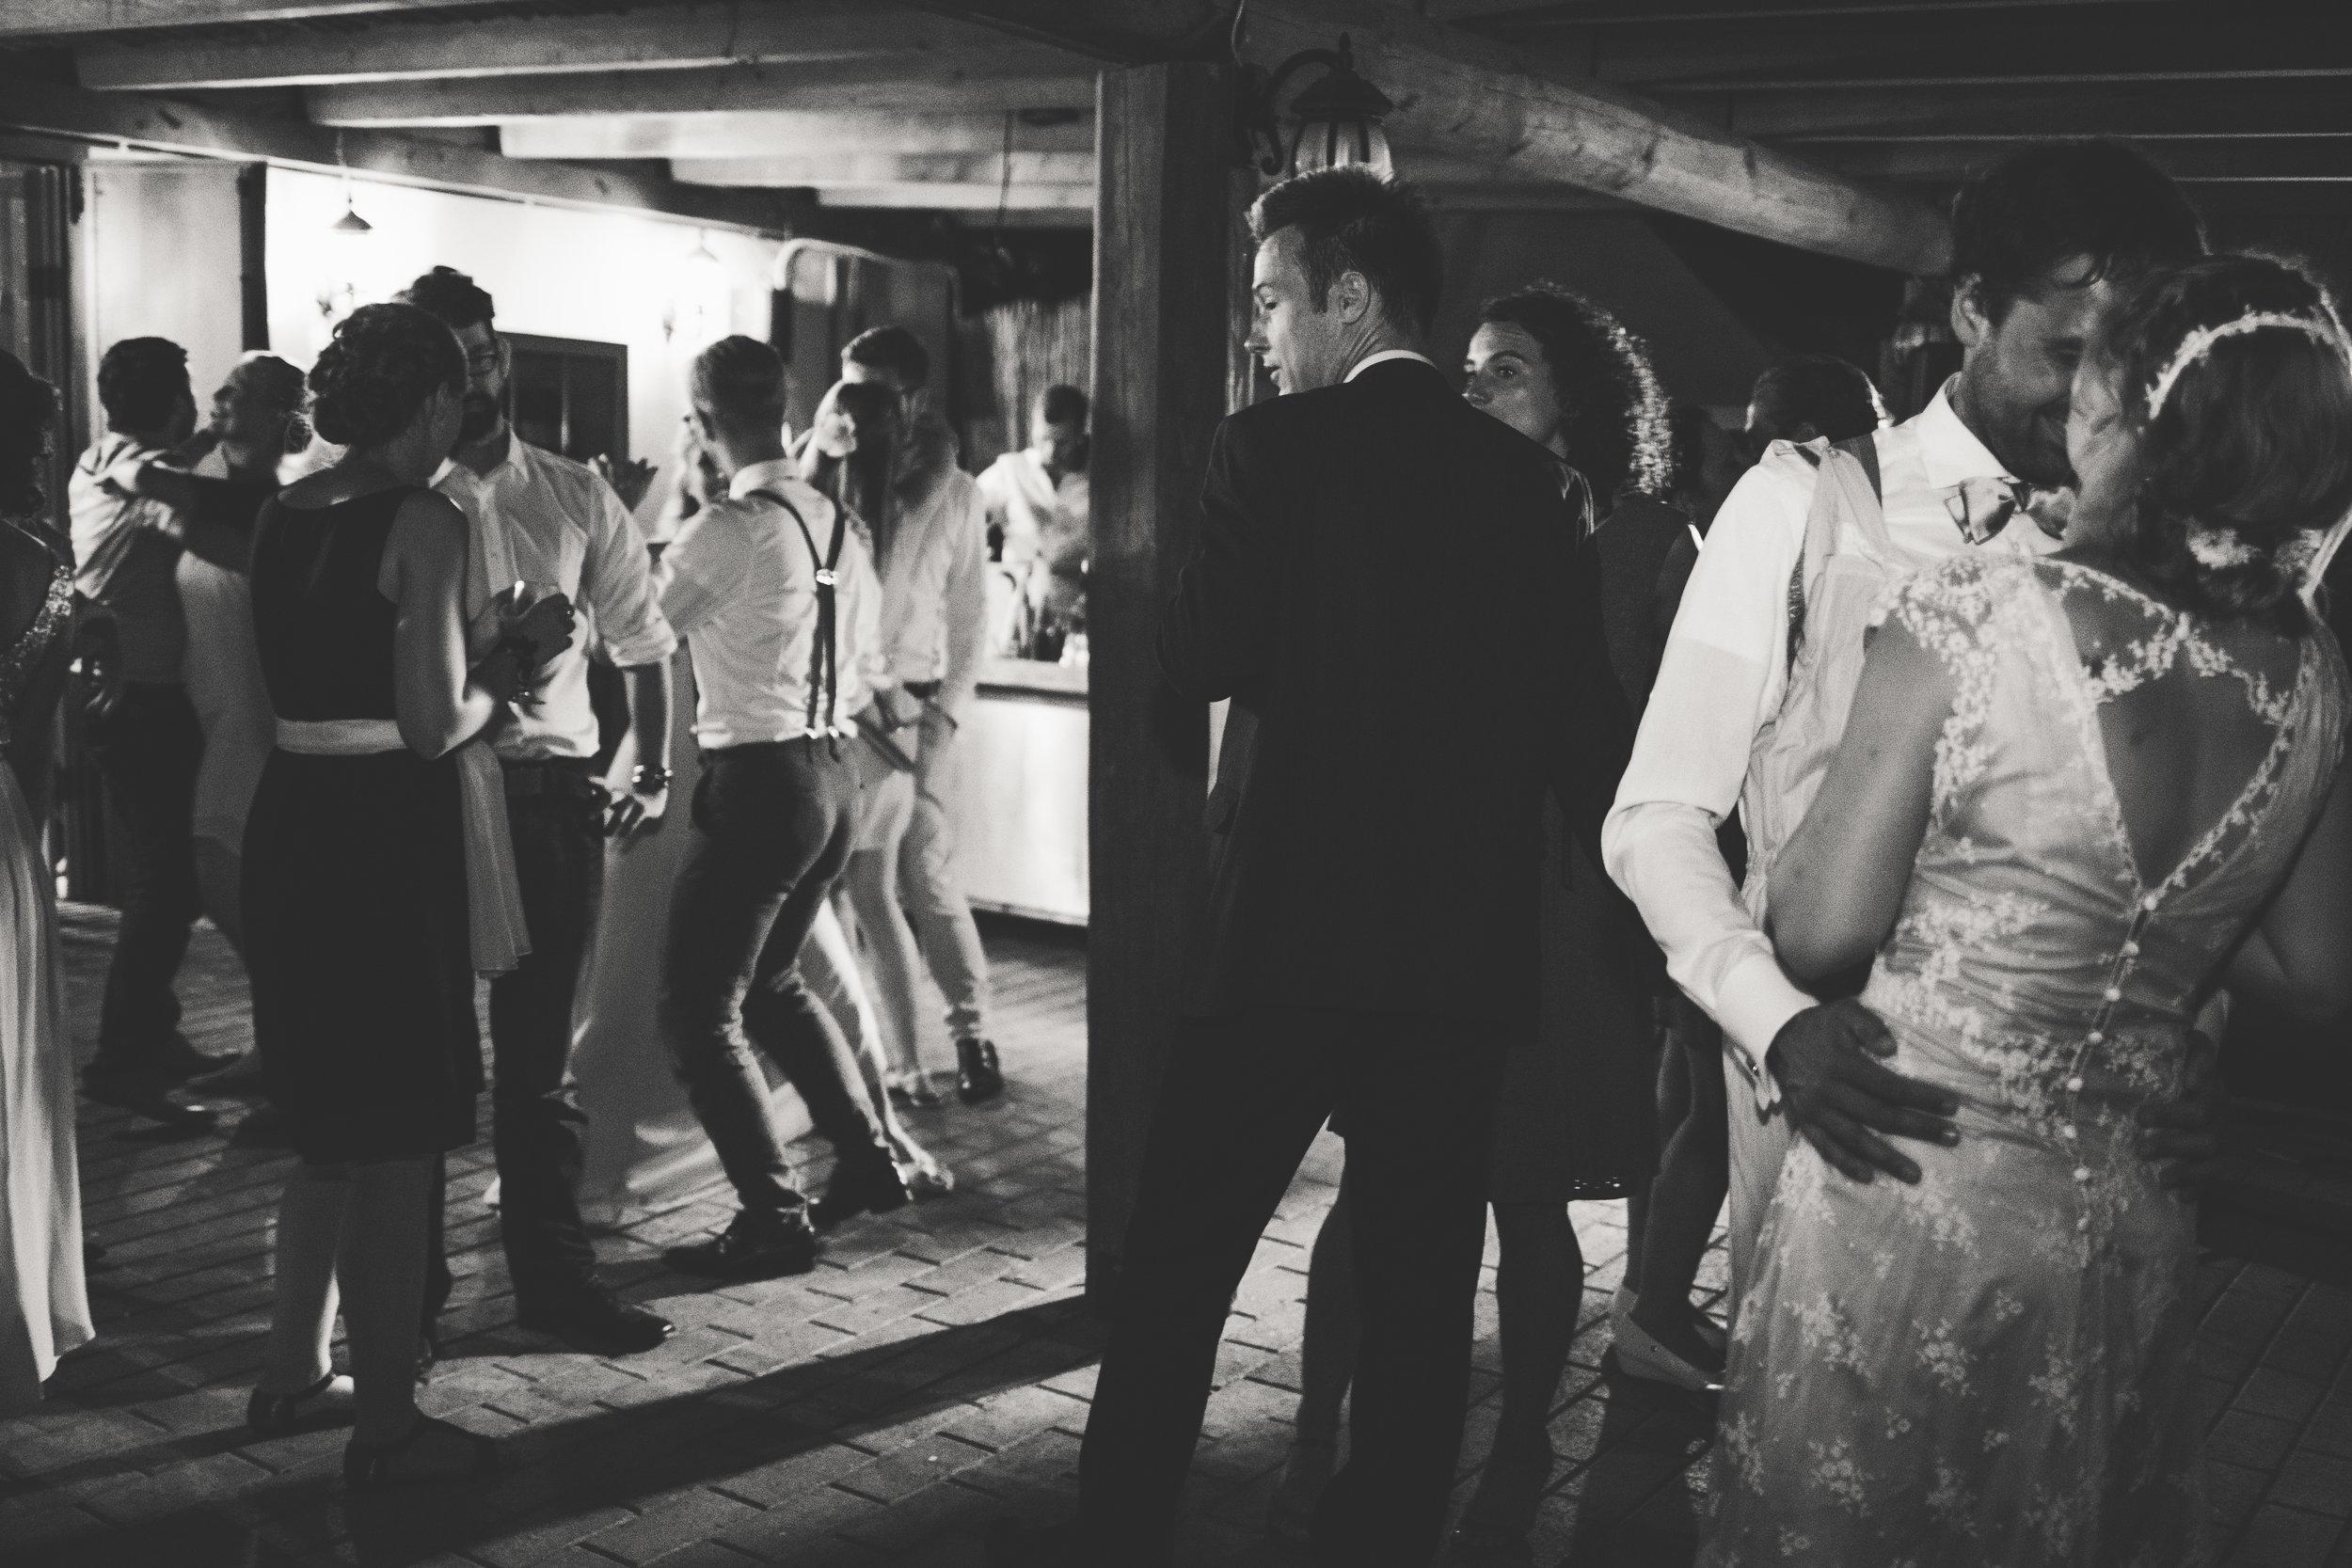 Hochzeitsparty in der Toskana